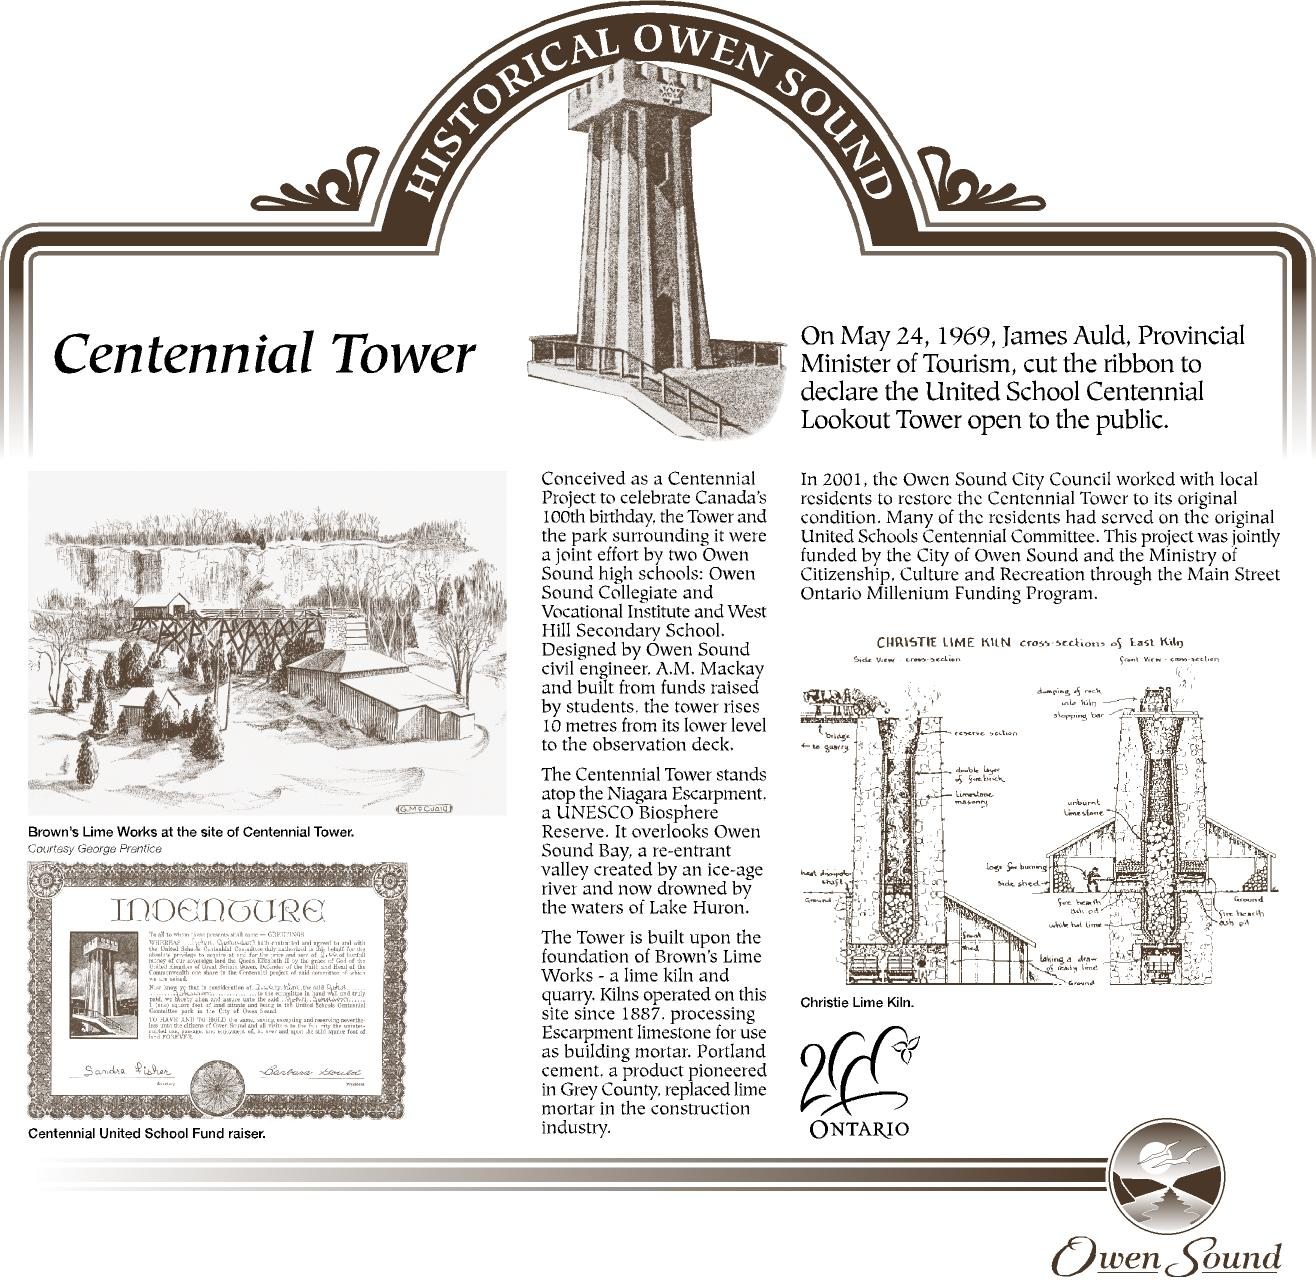 2002_CentennialTowerPlaque.jpg